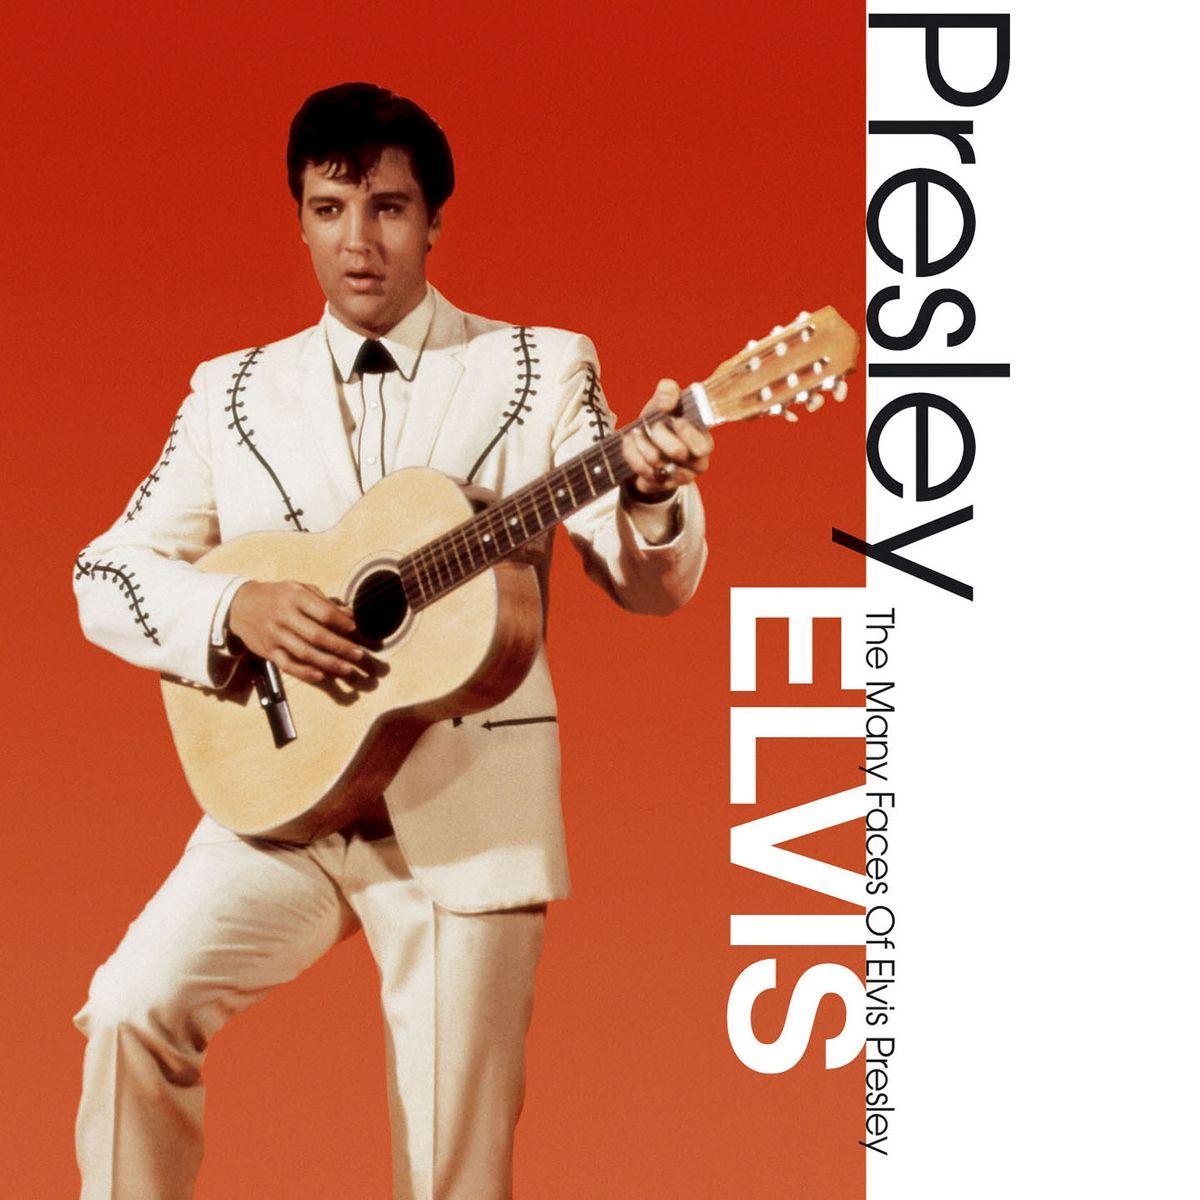 Элвис Пресли Elvis Presley. The Many Faces Of Elvis Presley (2 CD) lp cd elvis presley